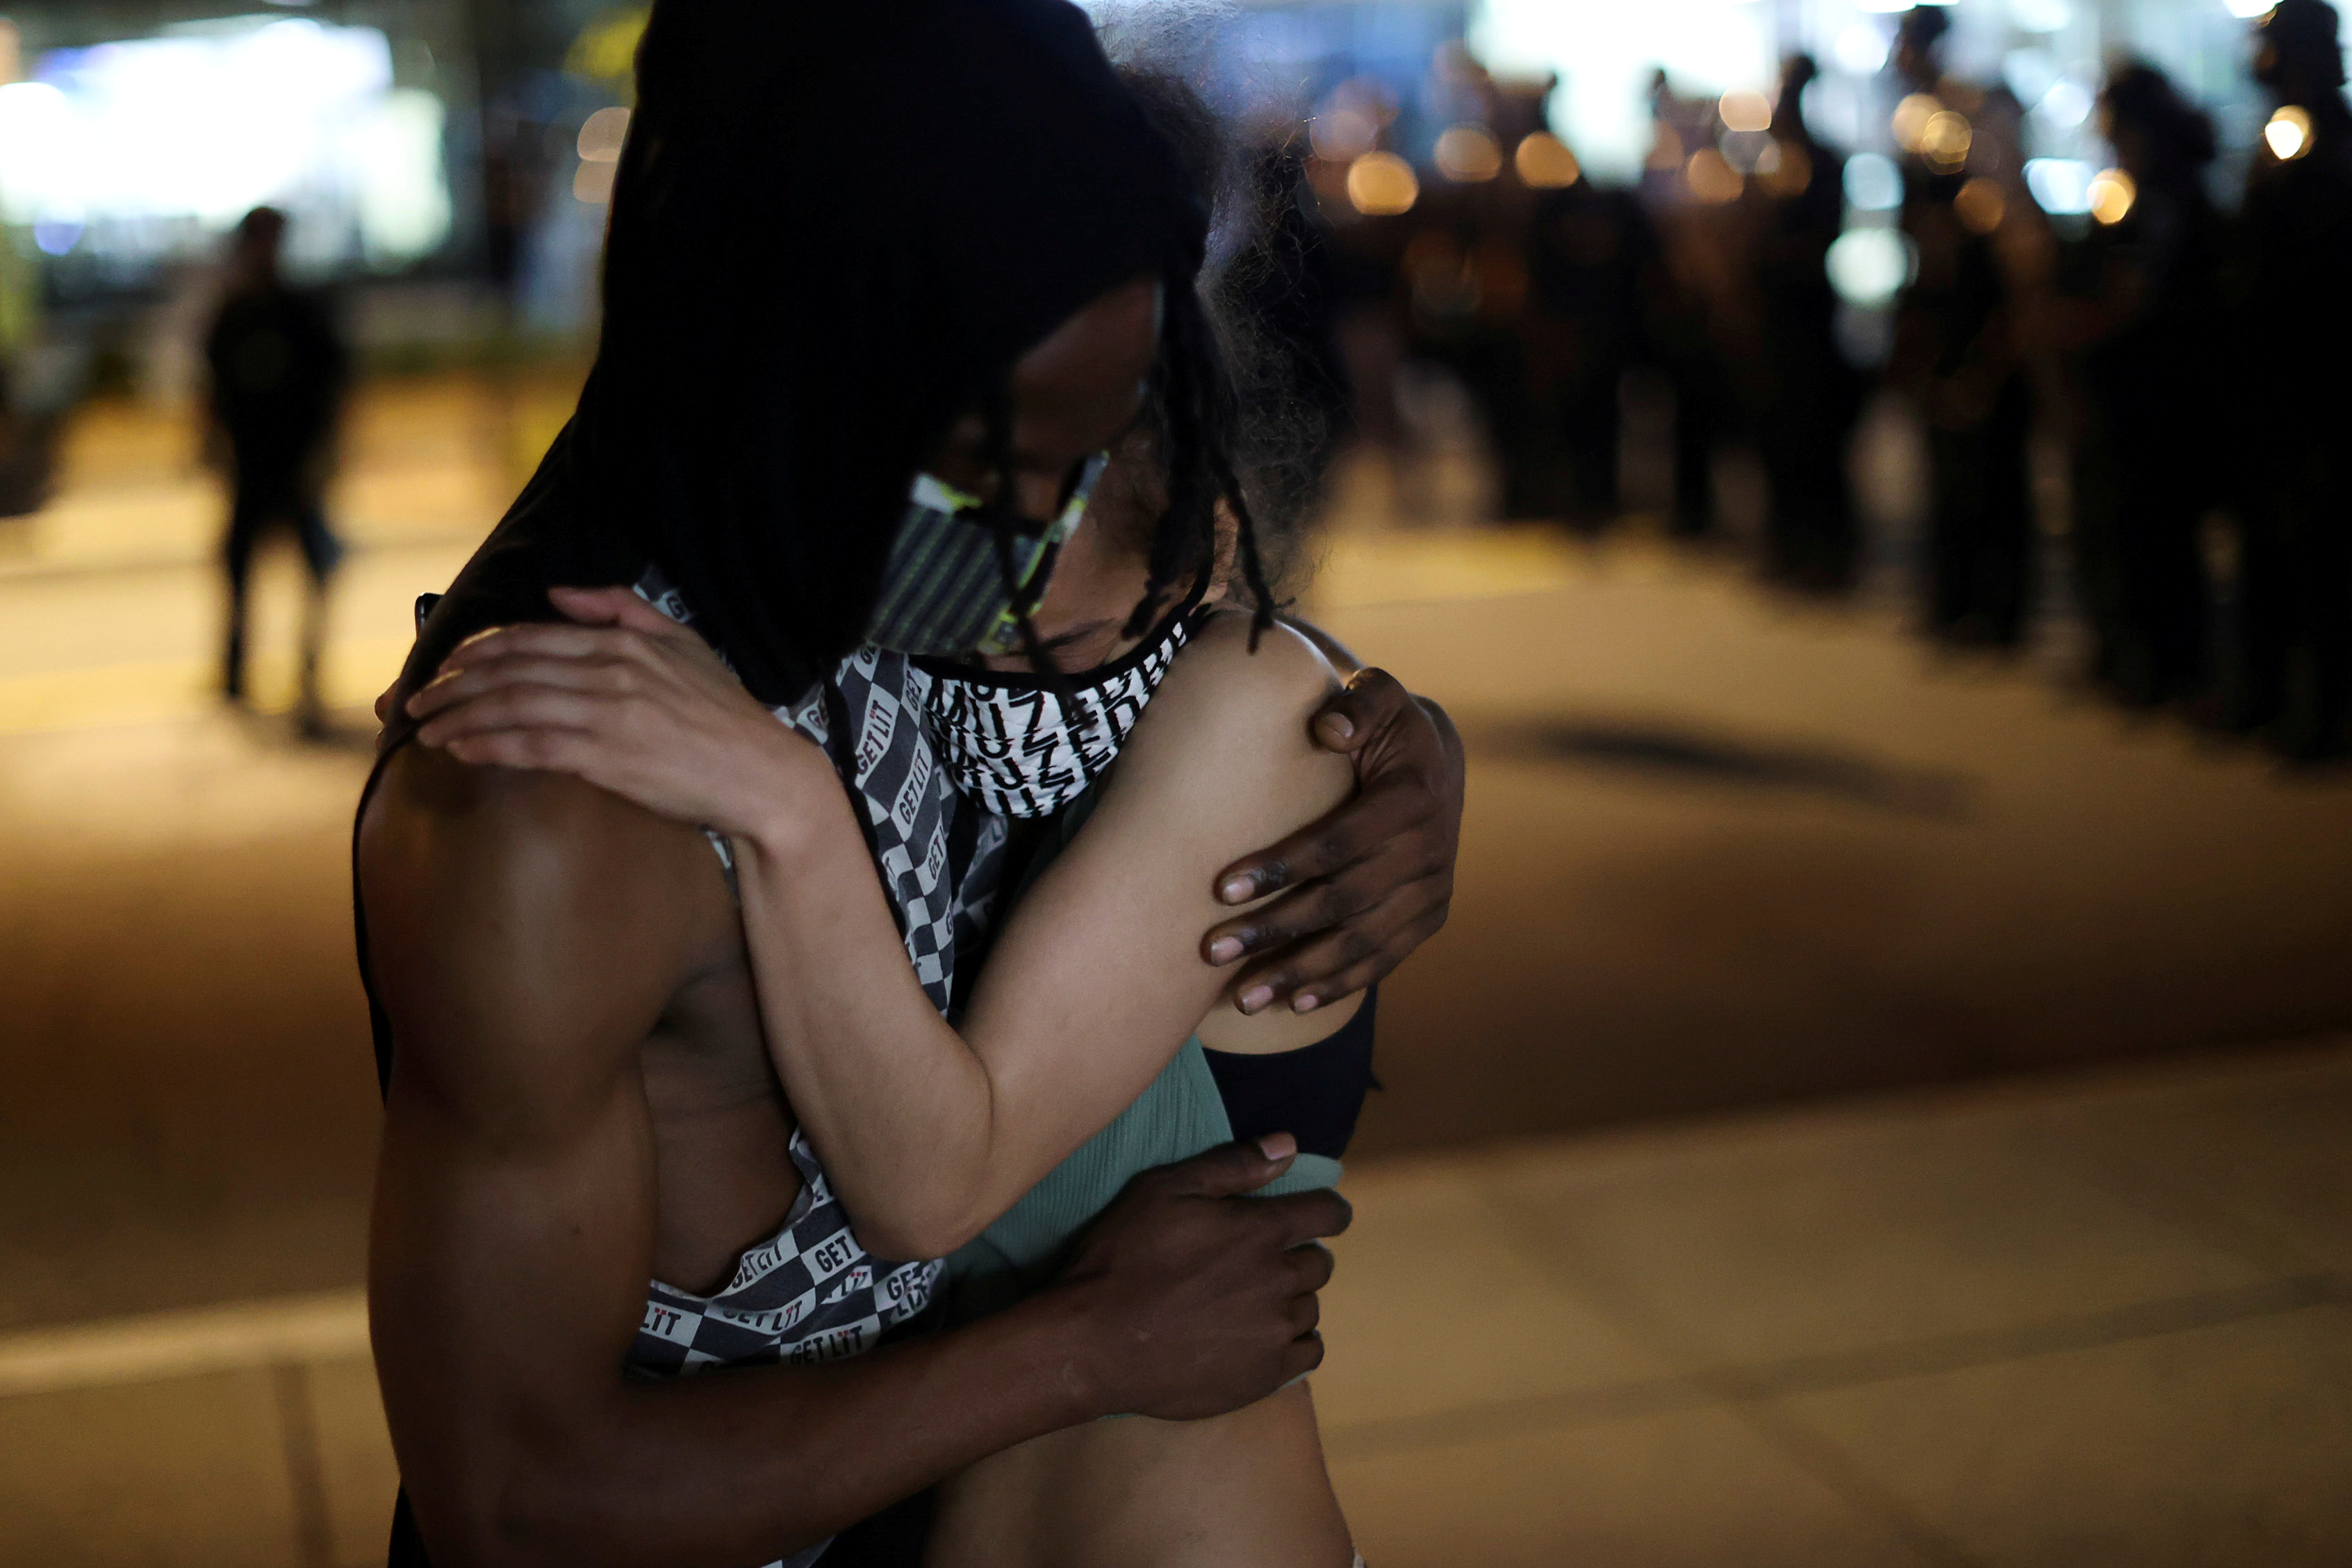 Abrazo de dos manifestantes, cerca de la Casa Blanca, en Washington